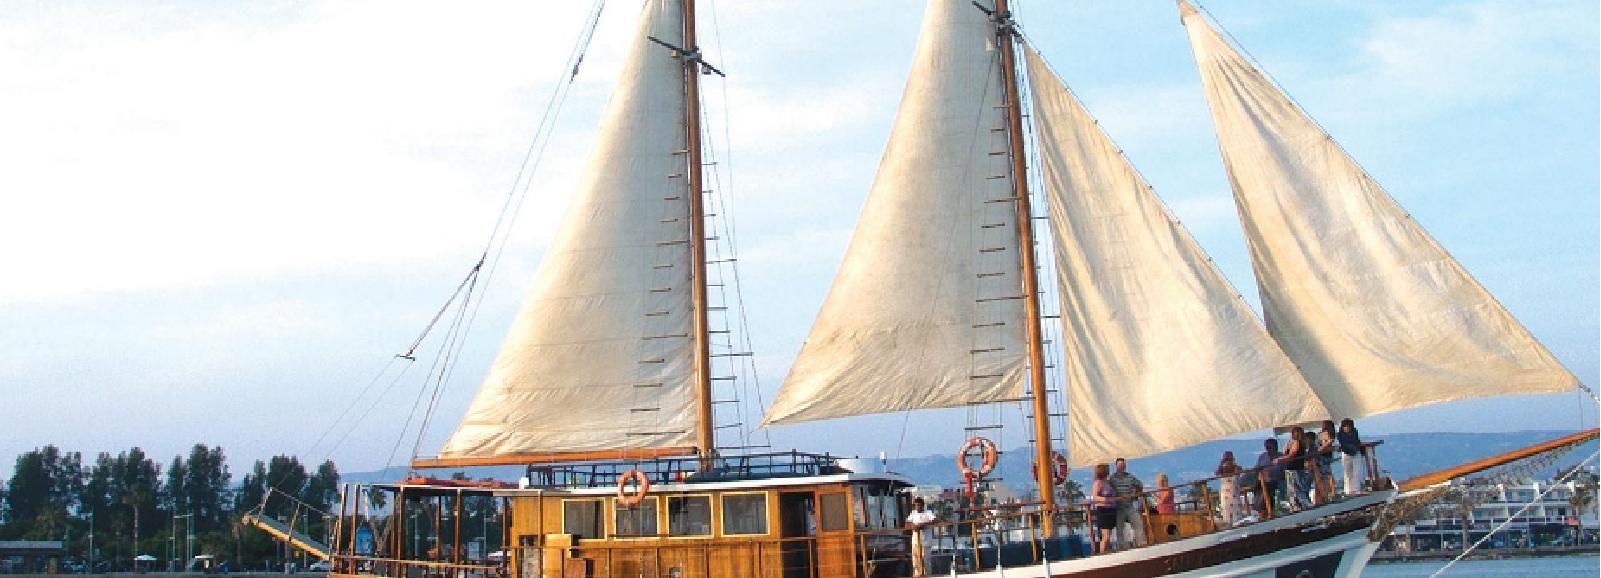 Ayia Napa / Protaras: Crucero de un día en San Antonio